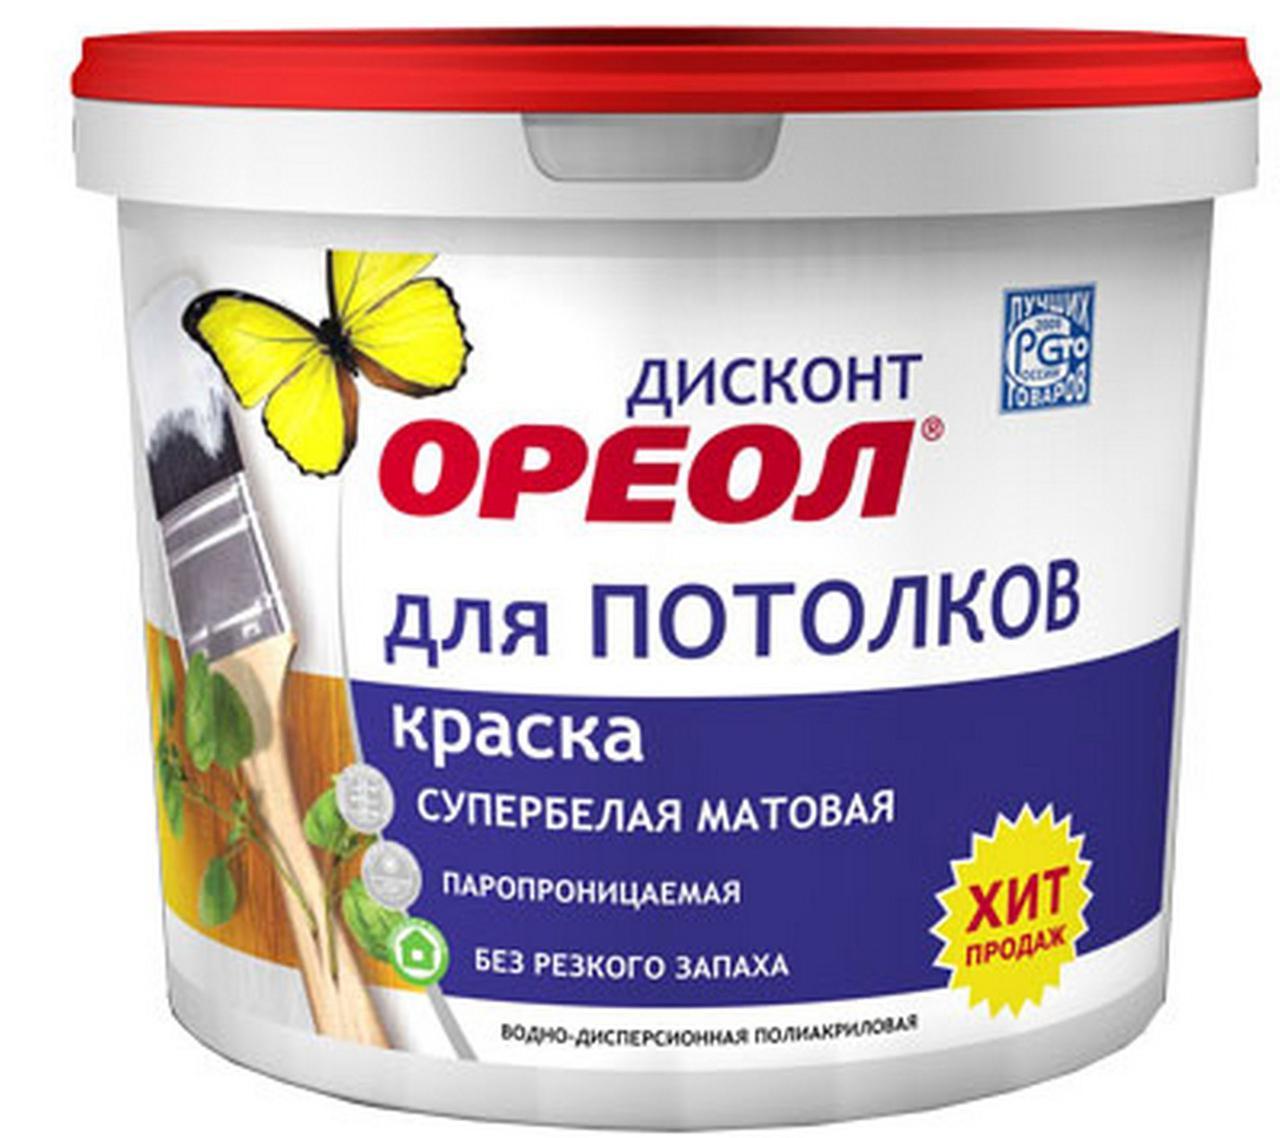 ВДАК Ореол Дисконт для потолков 6.5 кг